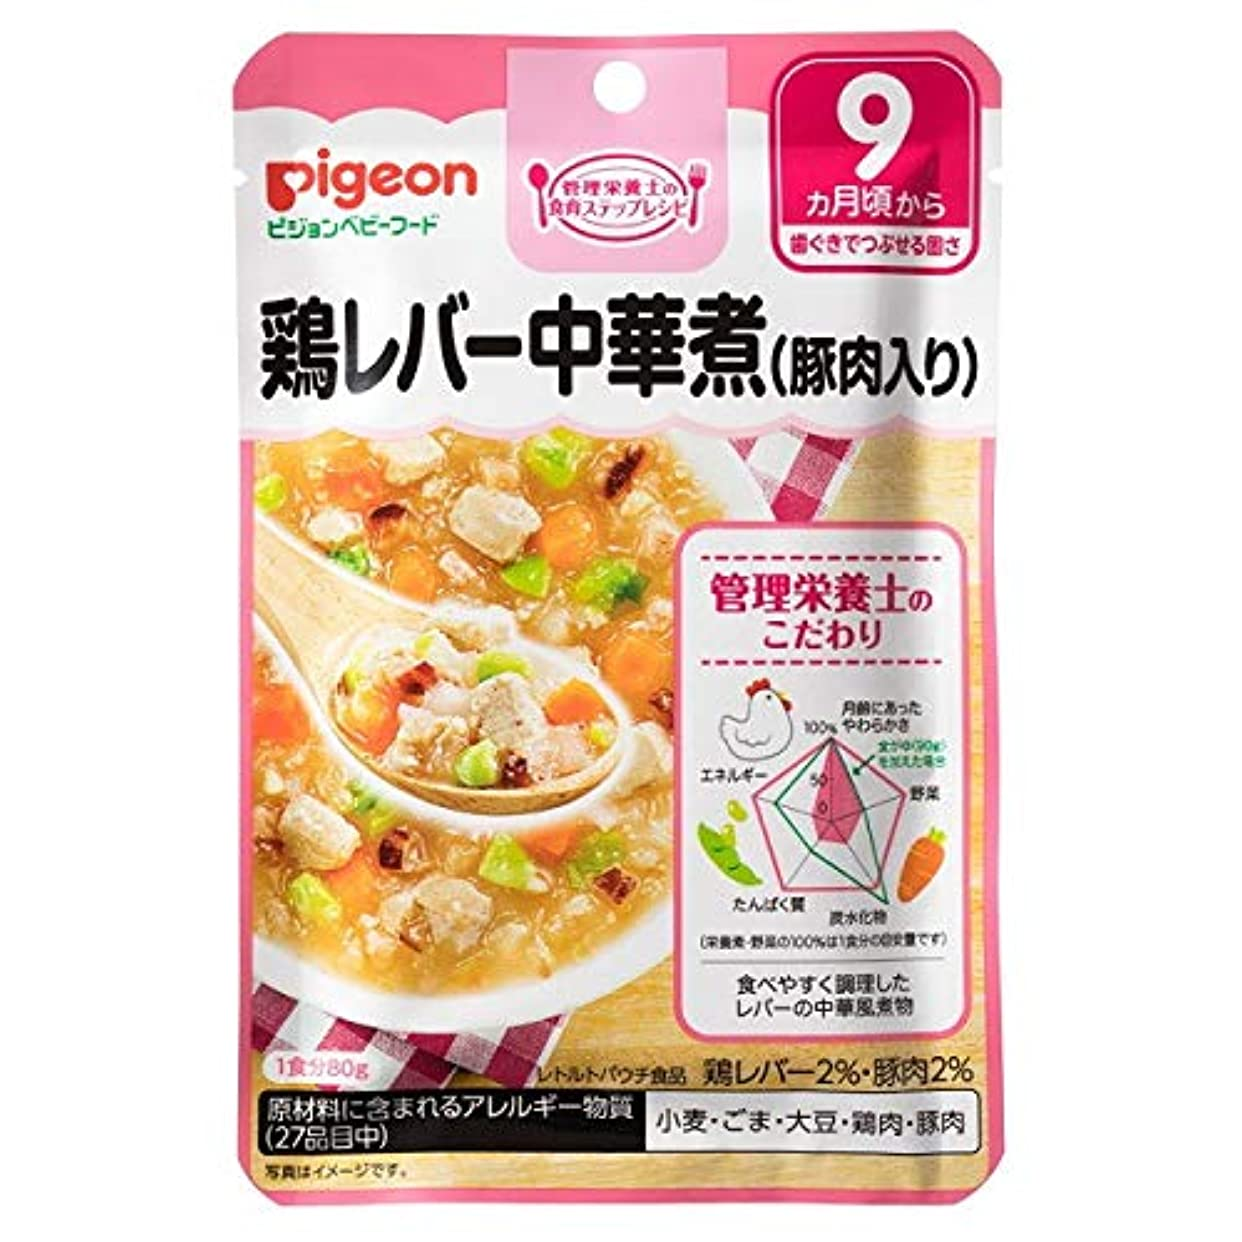 受付あご飛び込むピジョン 食育レシピ 鶏レバー中華煮 80g【3個セット】